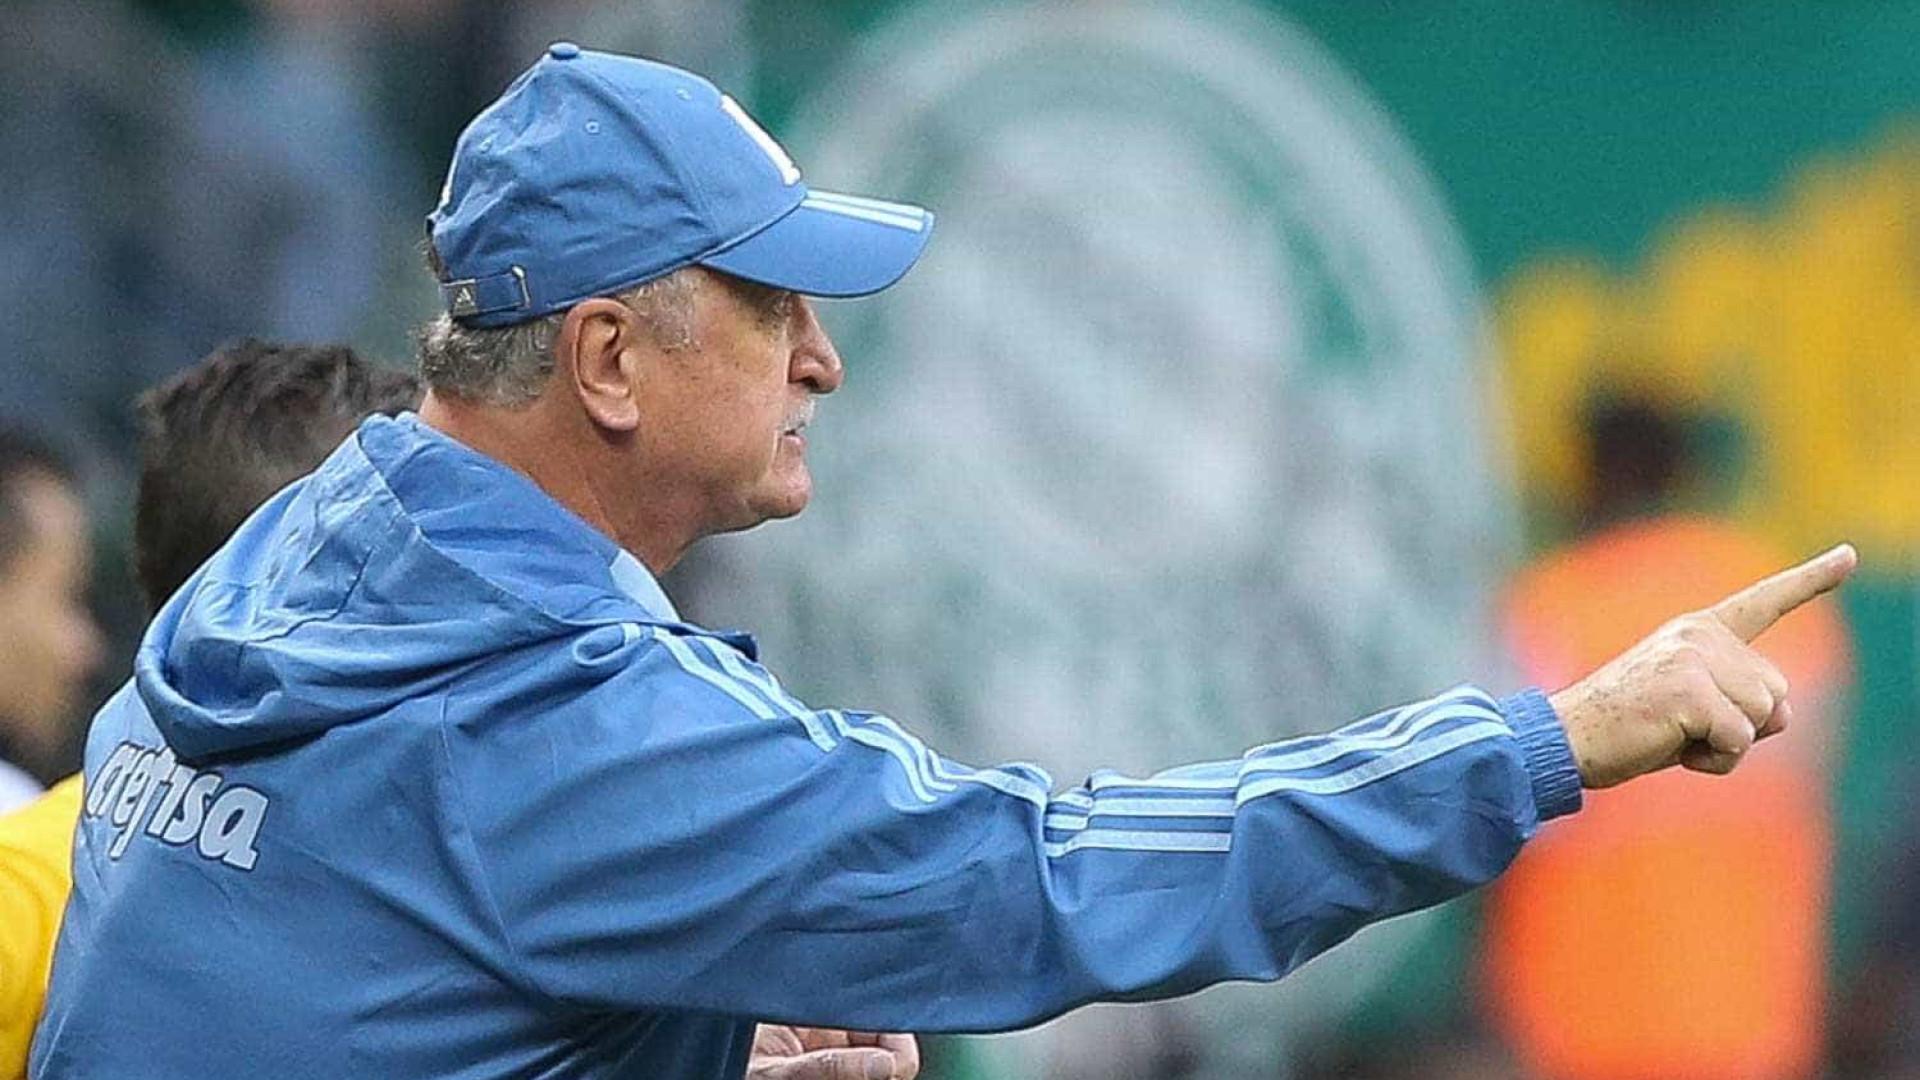 Árbitro relata que Felipão foi expulso porque o mandou 'tomar no c...'